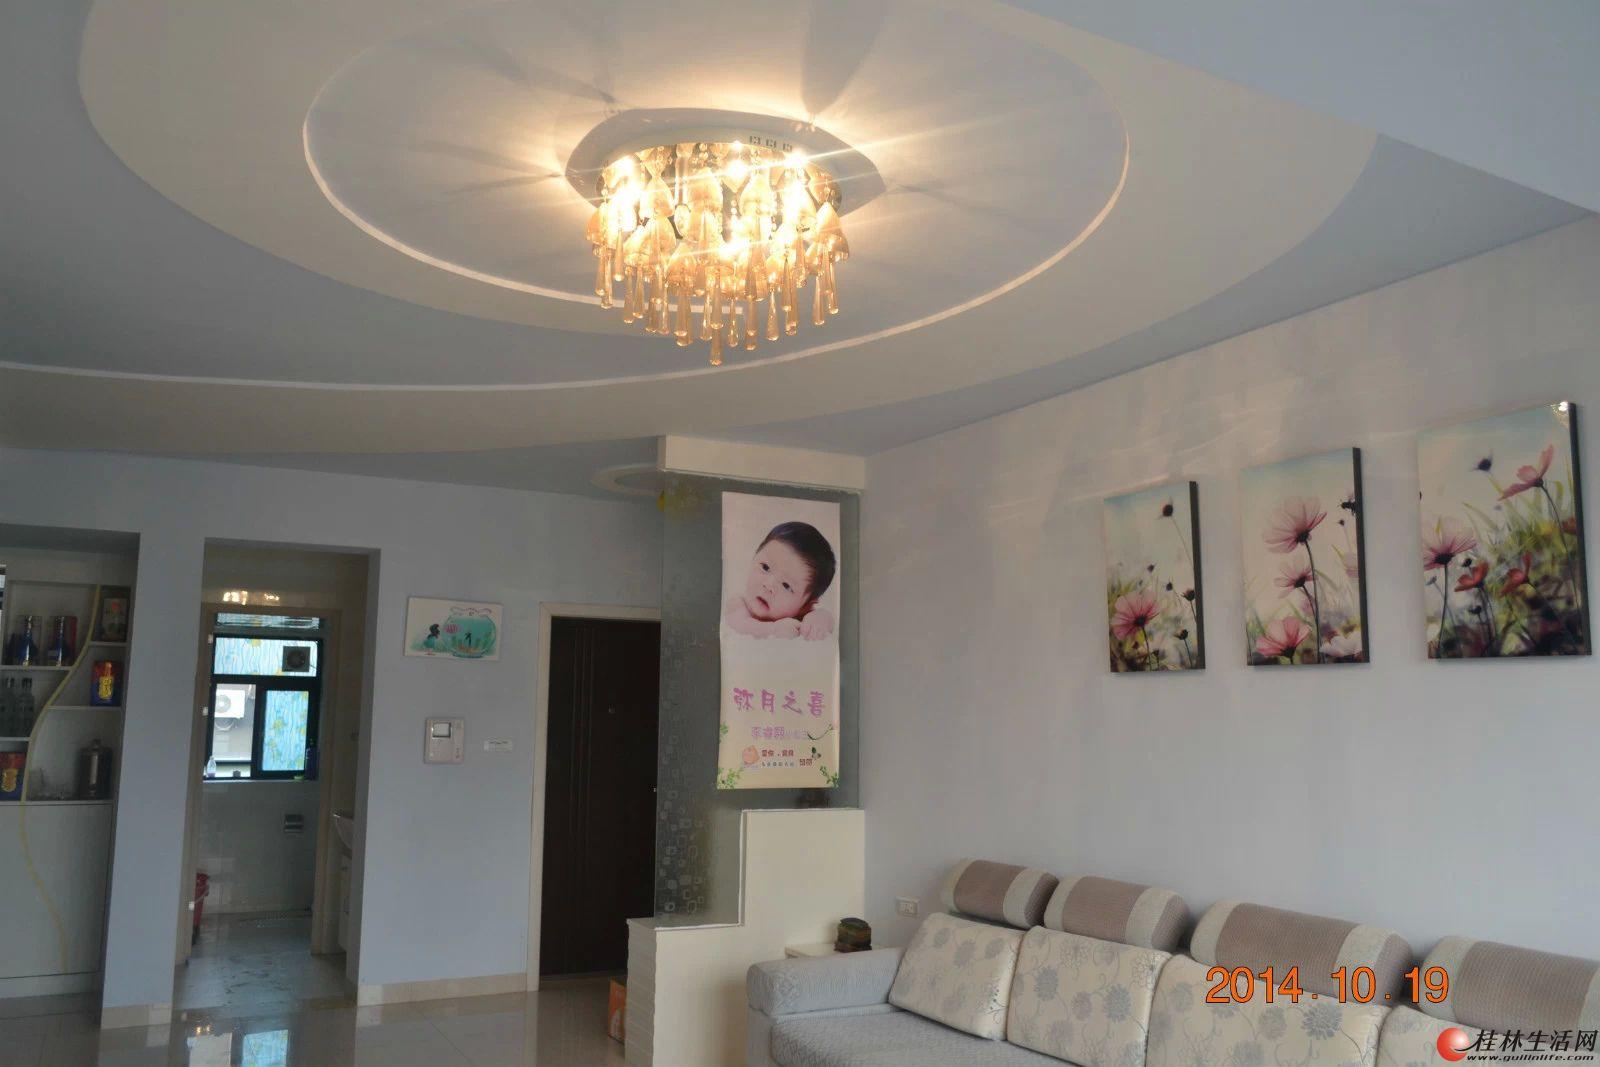 区瓦窑彰泰城现代简约风格精装修三房两厅两卫商品房